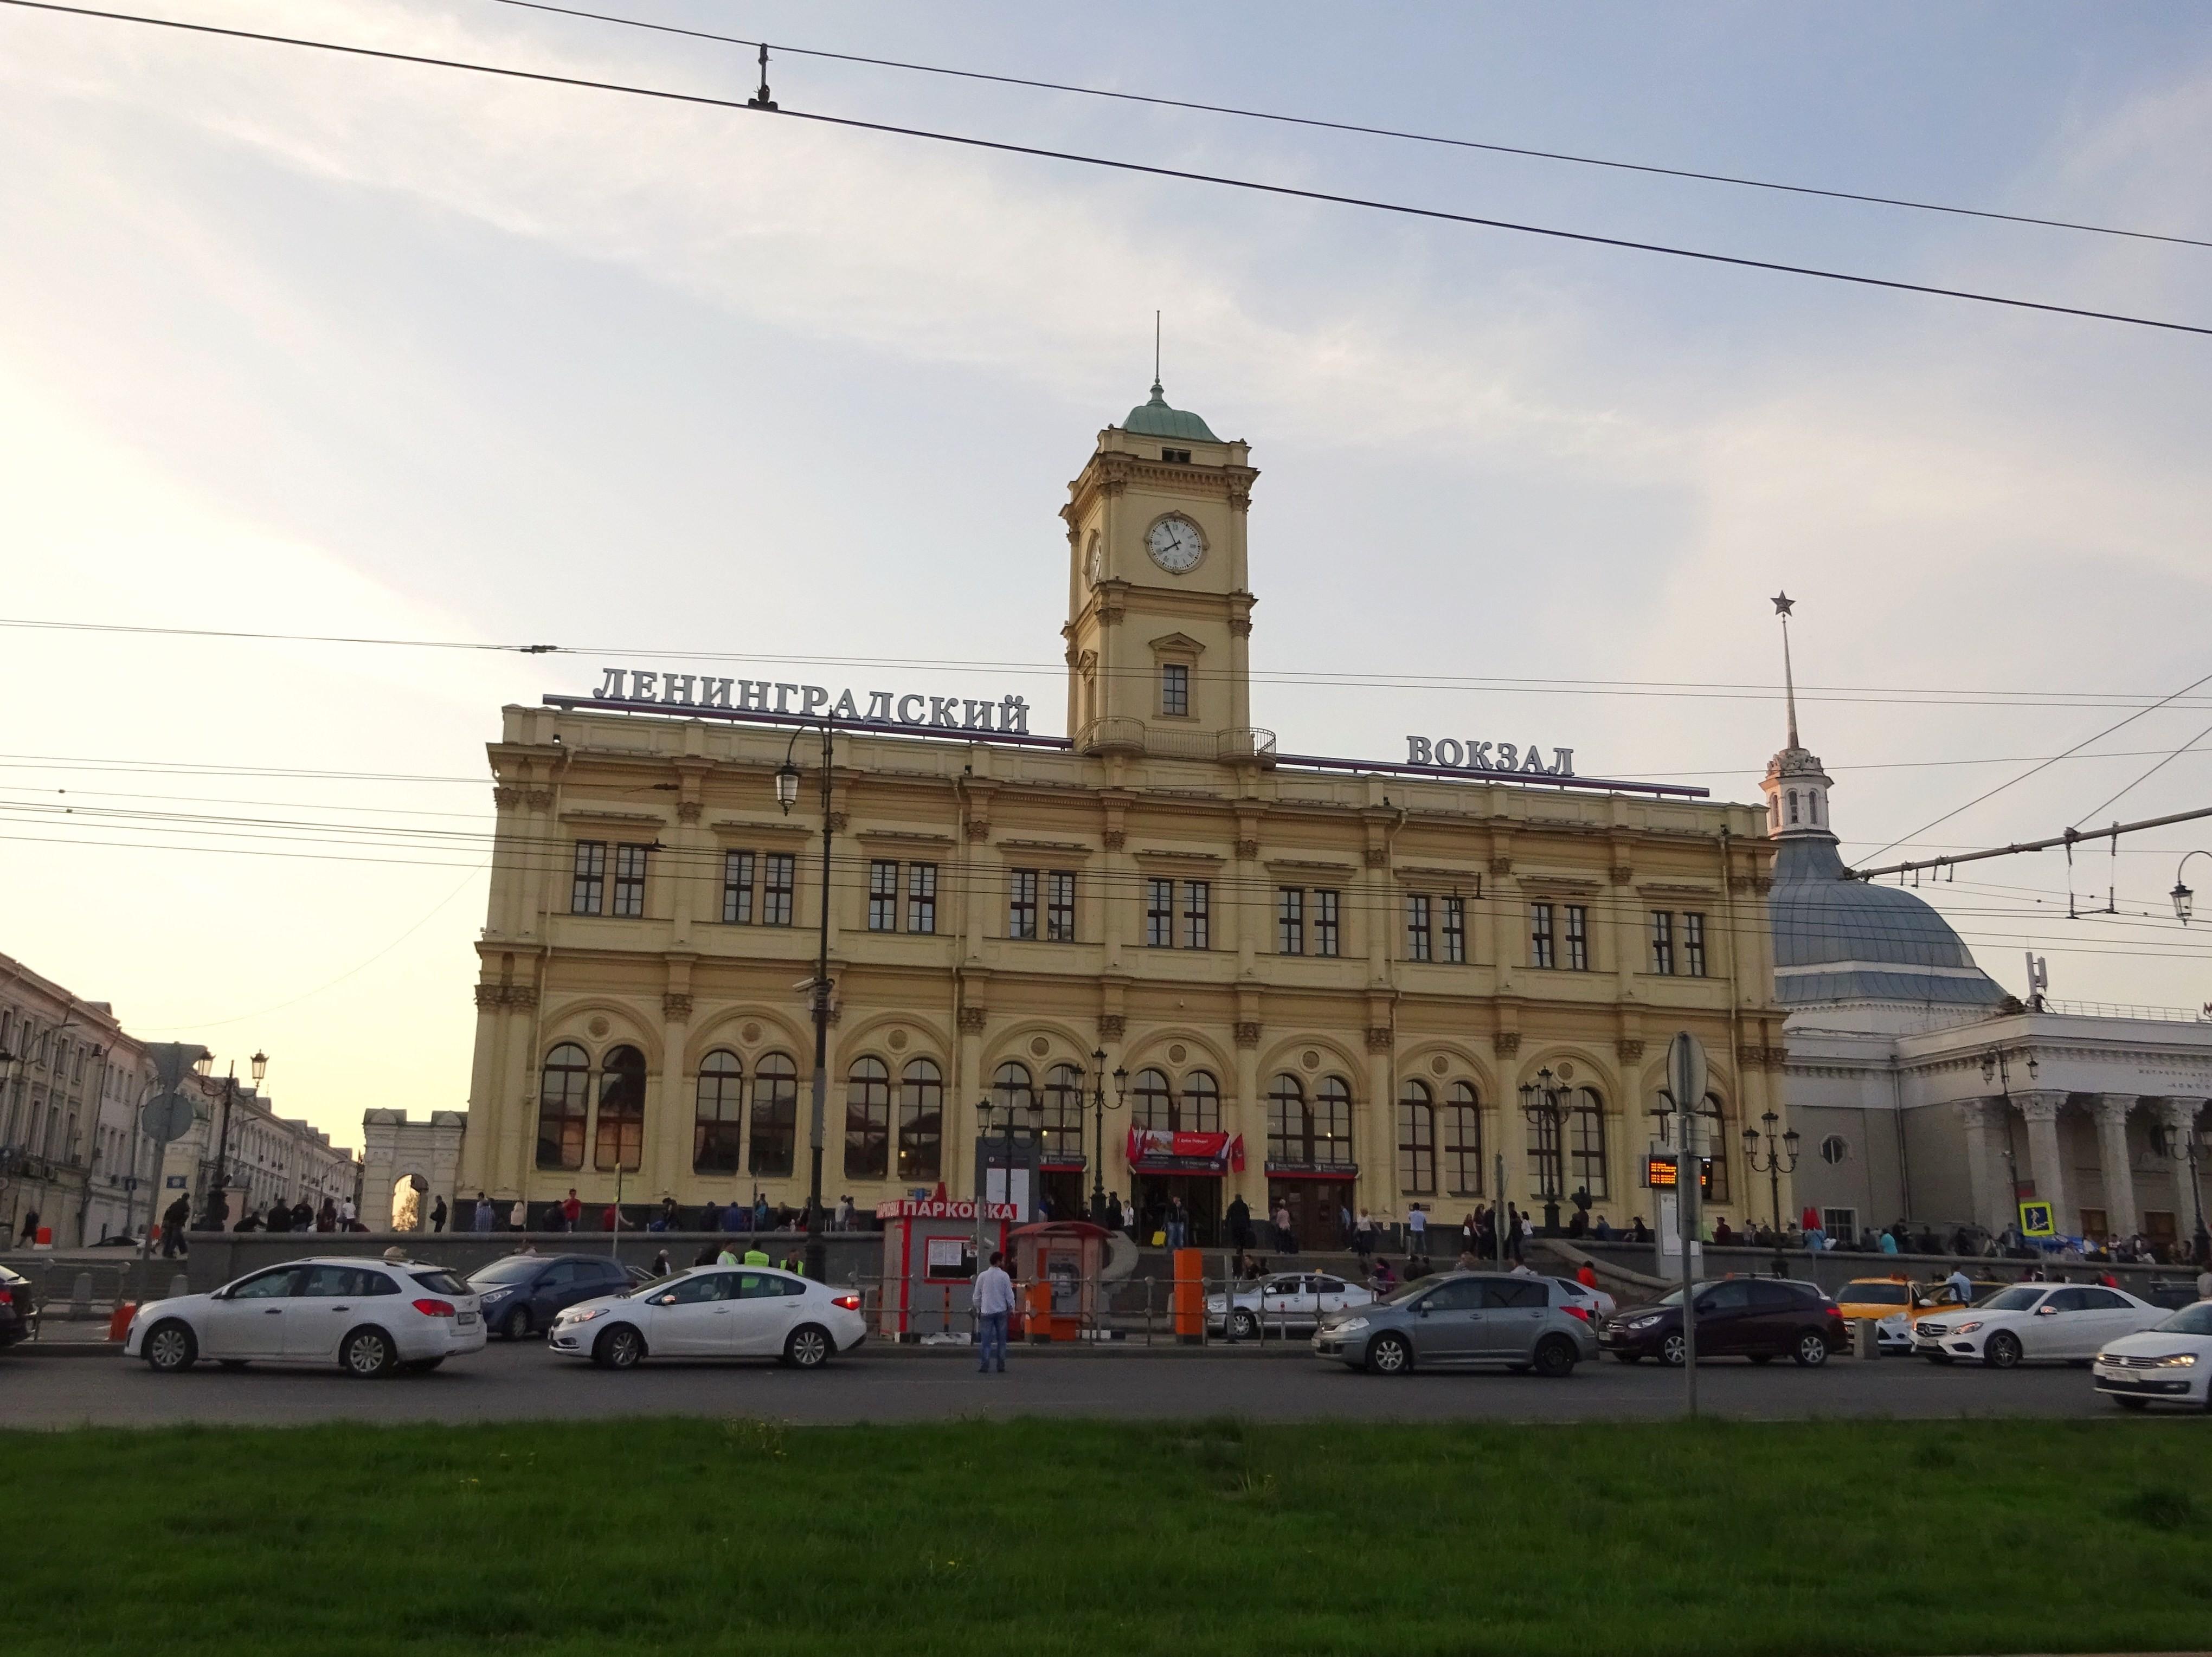 фотографии московского вокзала в хорошем качестве модели